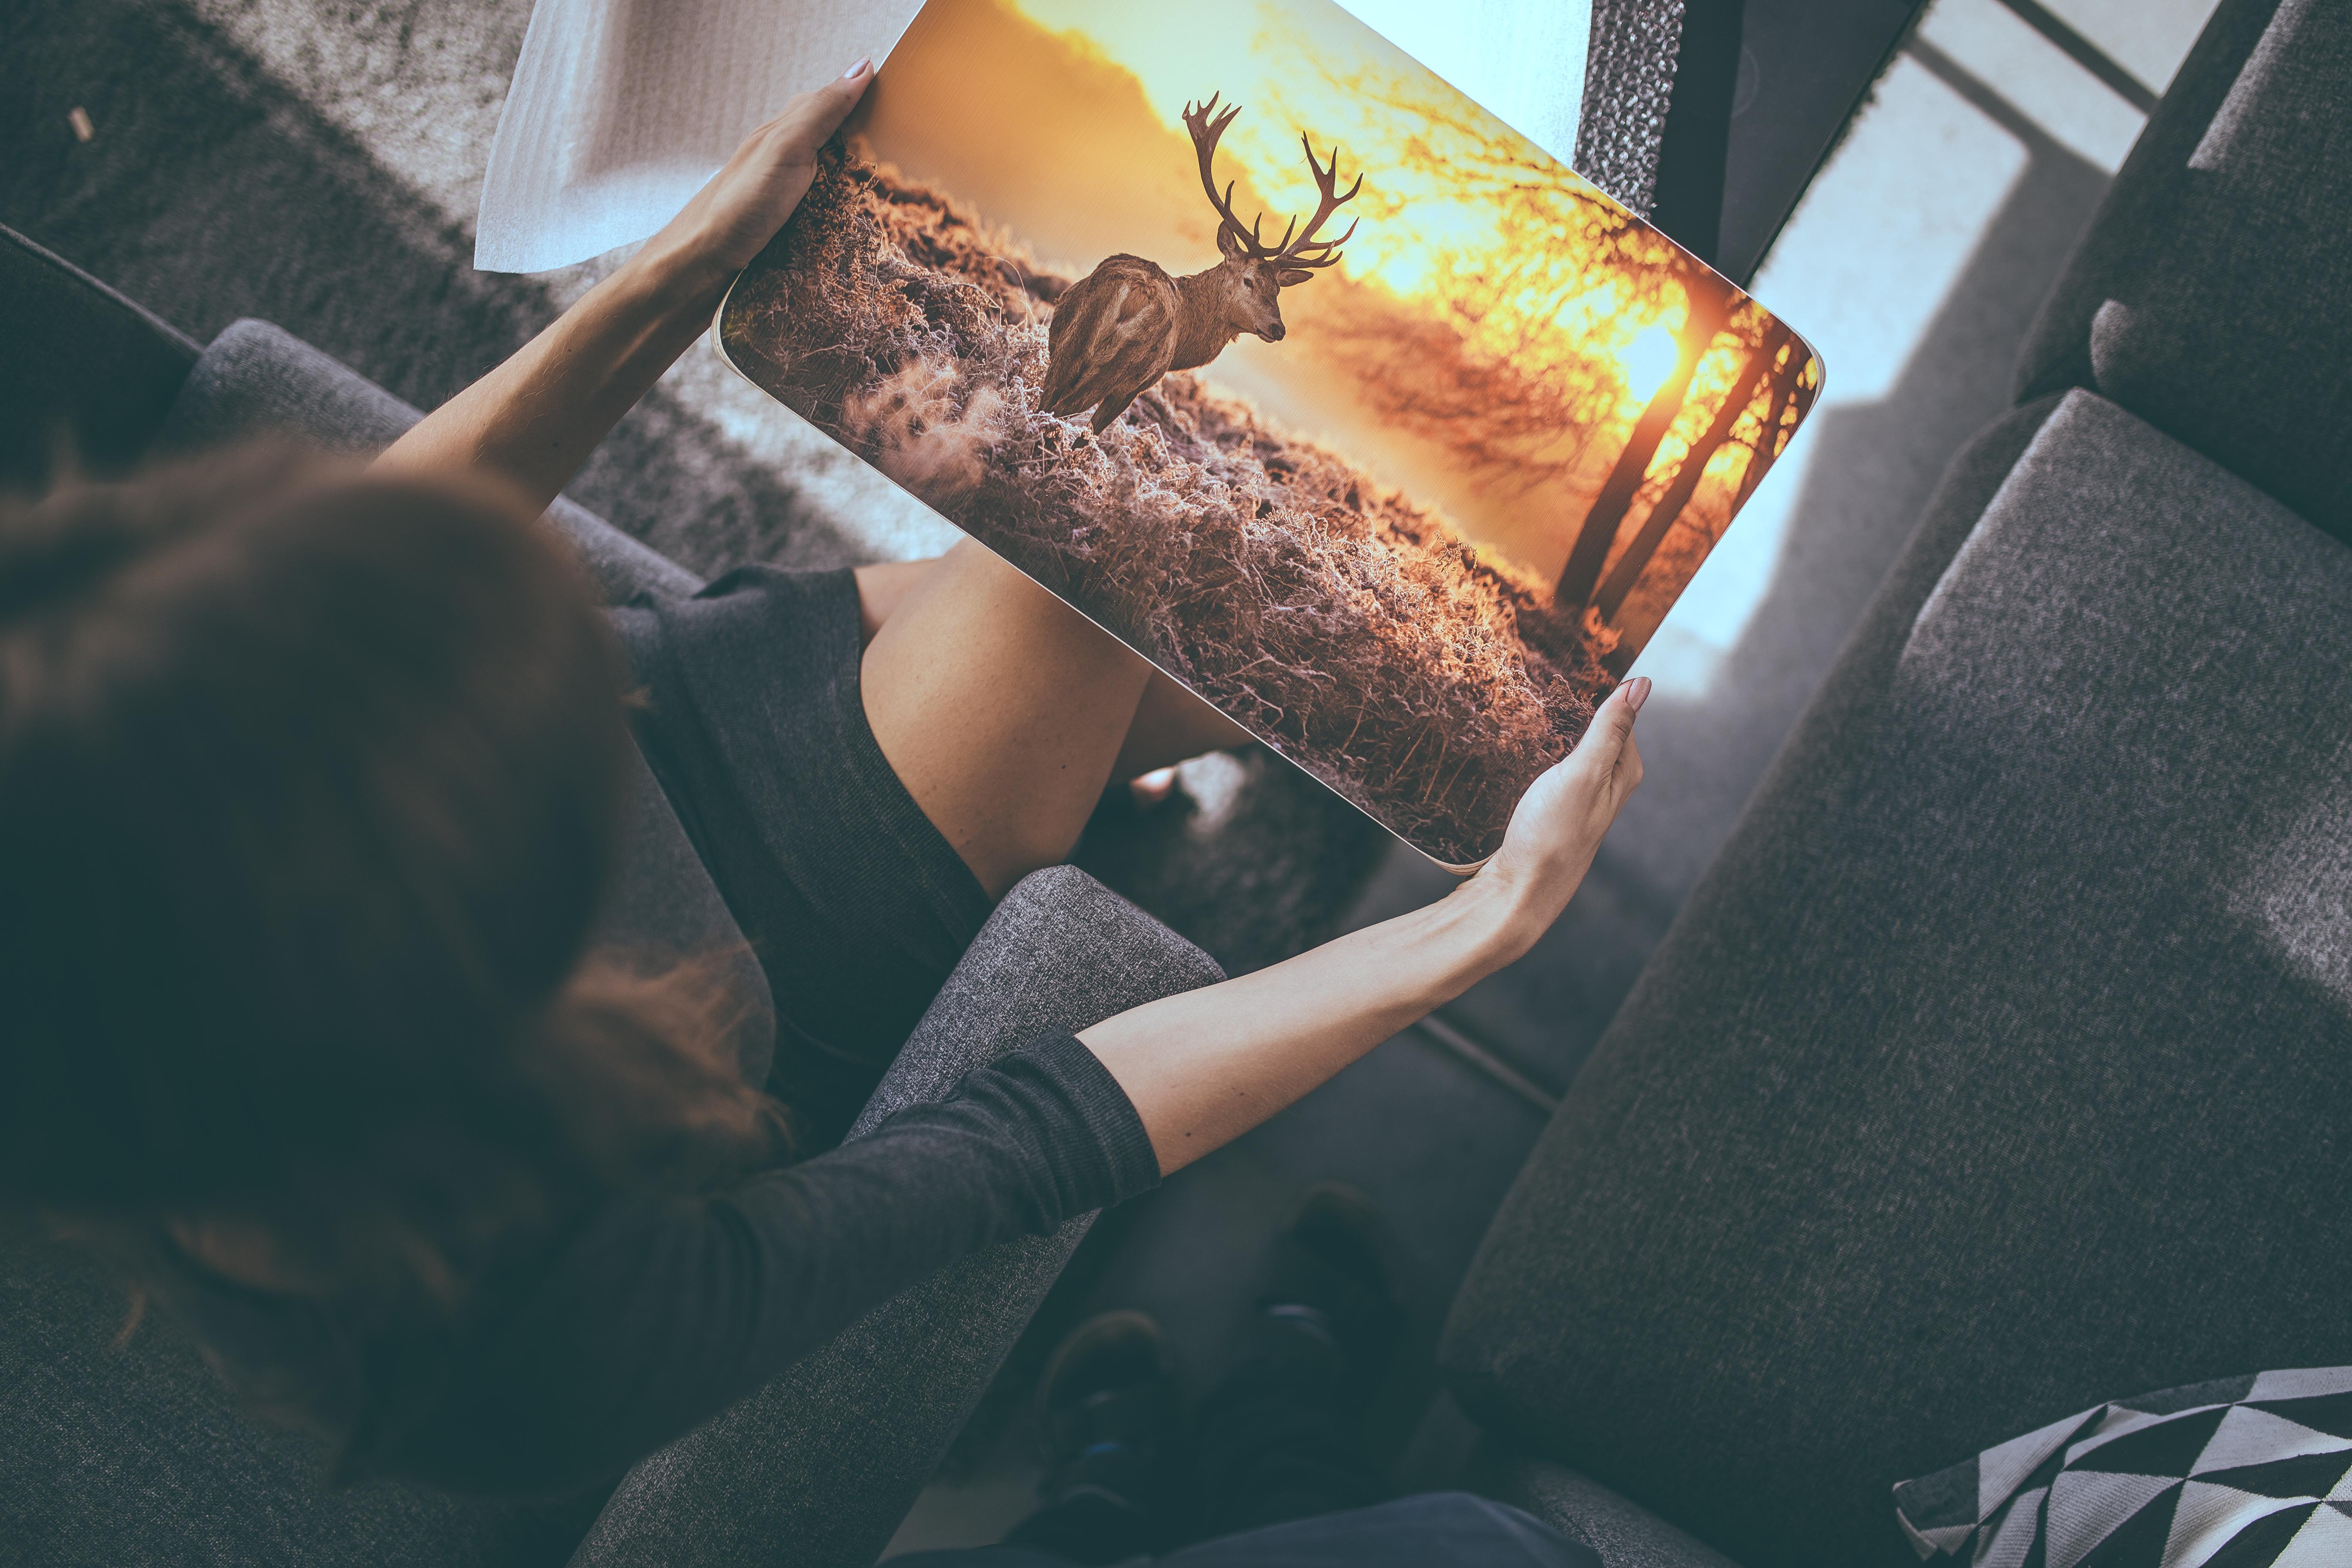 obraz na dřeve, obraz na dreve, tisk na dřevo, tisk na drevo, fotka na dřevě, fotka na dreve, foto na dřeve, foto na dreve